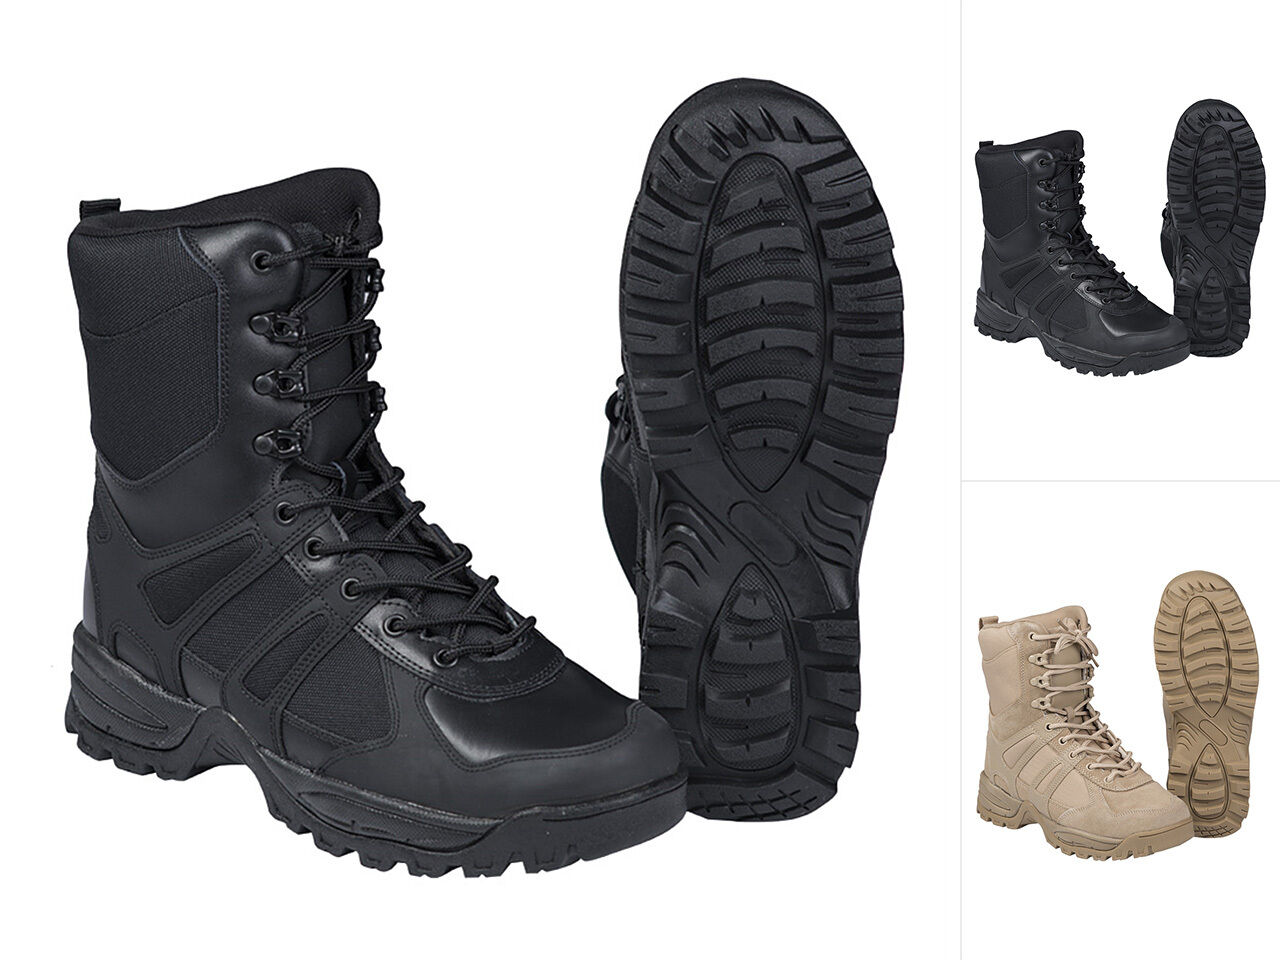 Mil-Tec Einsatzstiefel GEN II Schuhe Trekkingschuhe Outdoorschuhe Boots 39-46